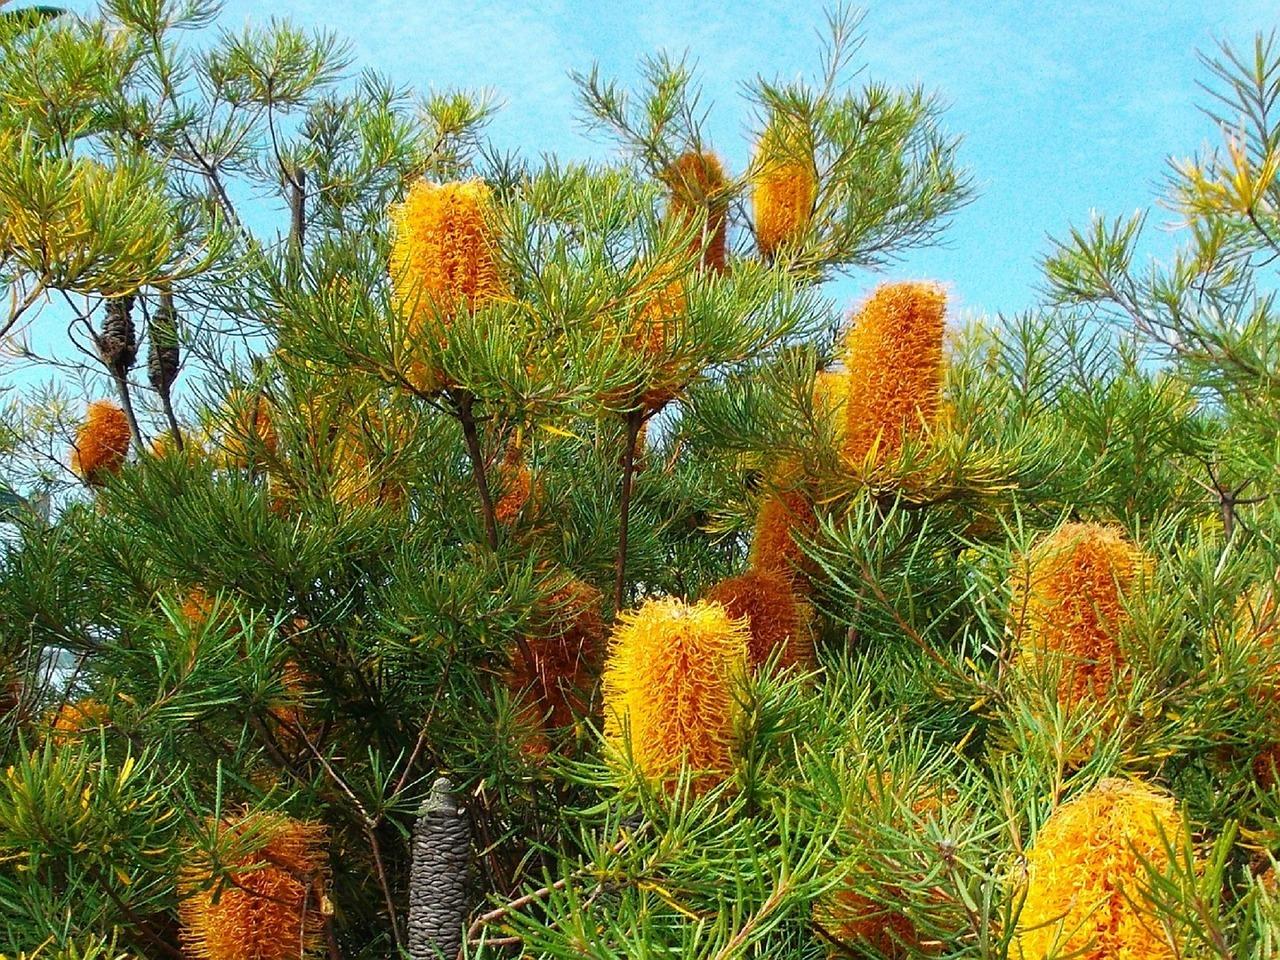 バンクシアとは?見た目が印象的な花の特徴や上手な育て方をご紹介!